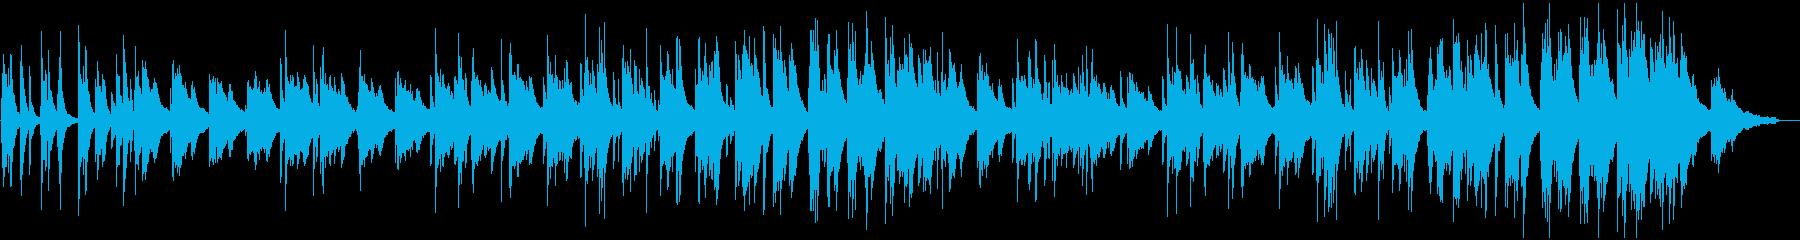 憂い・悲しげなピアノソロの再生済みの波形